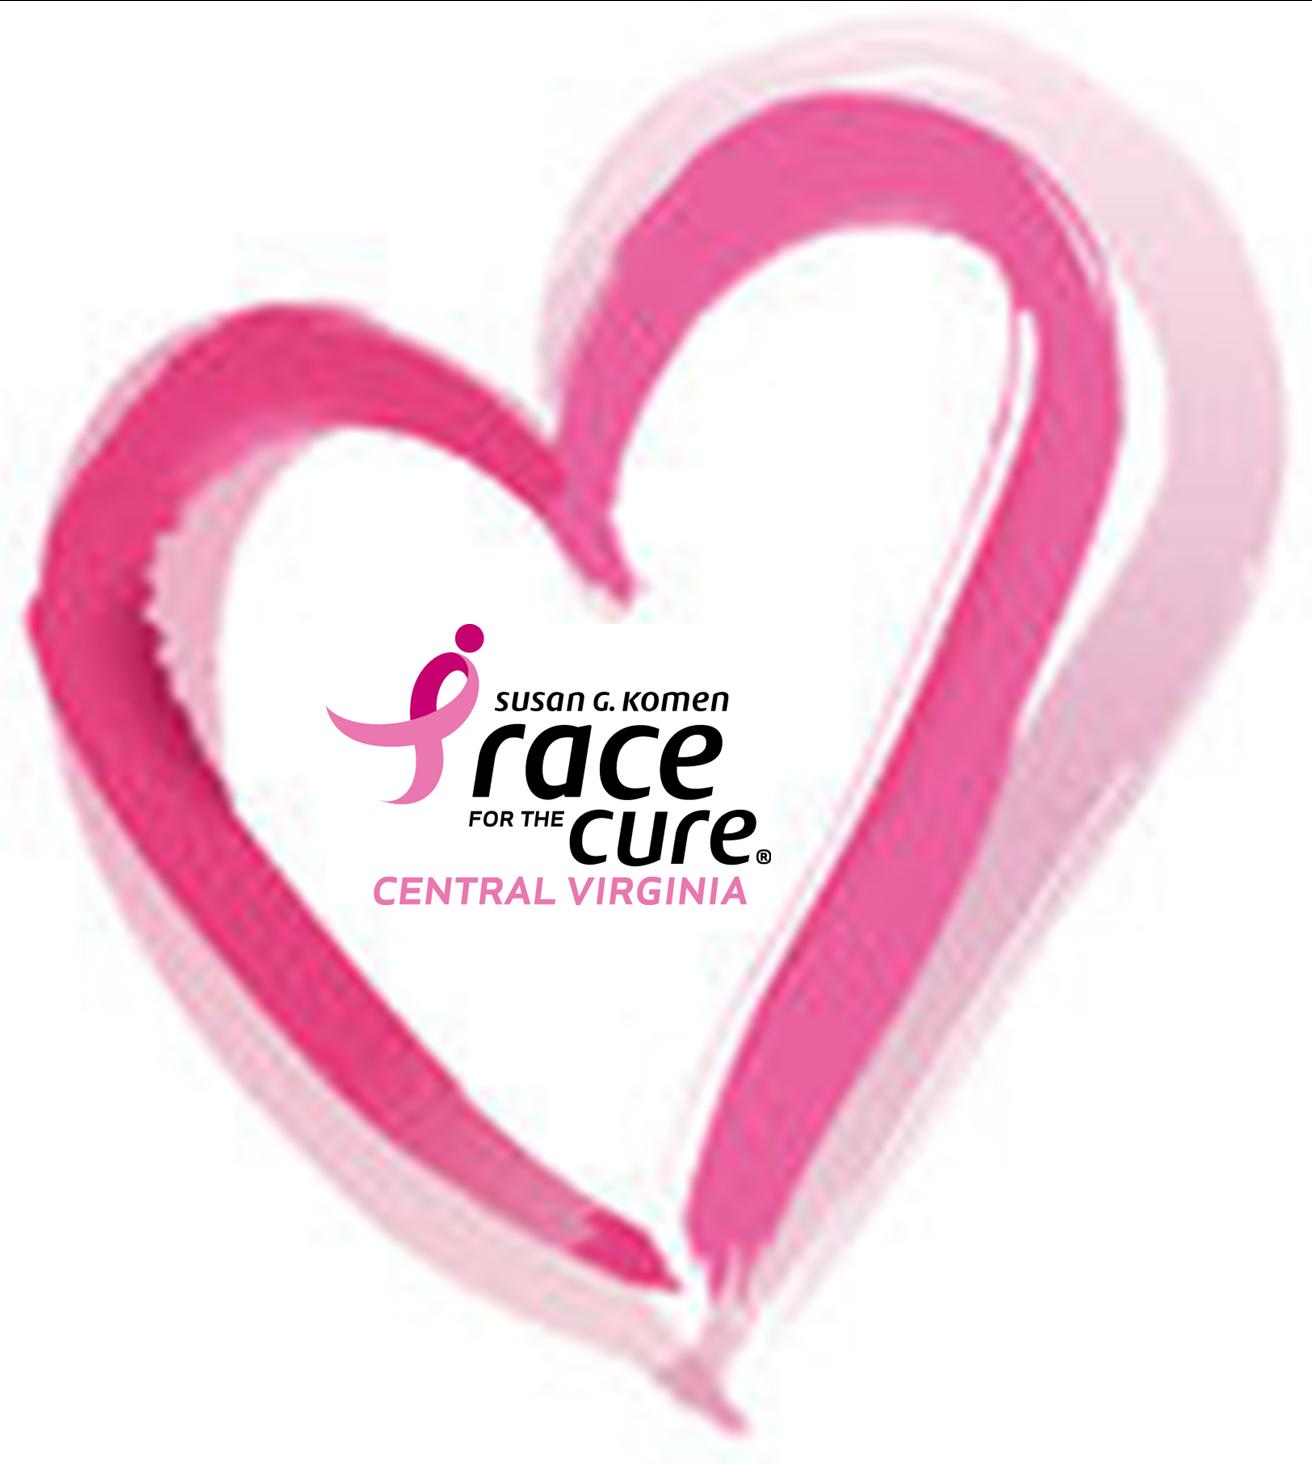 Race Logo in Heart